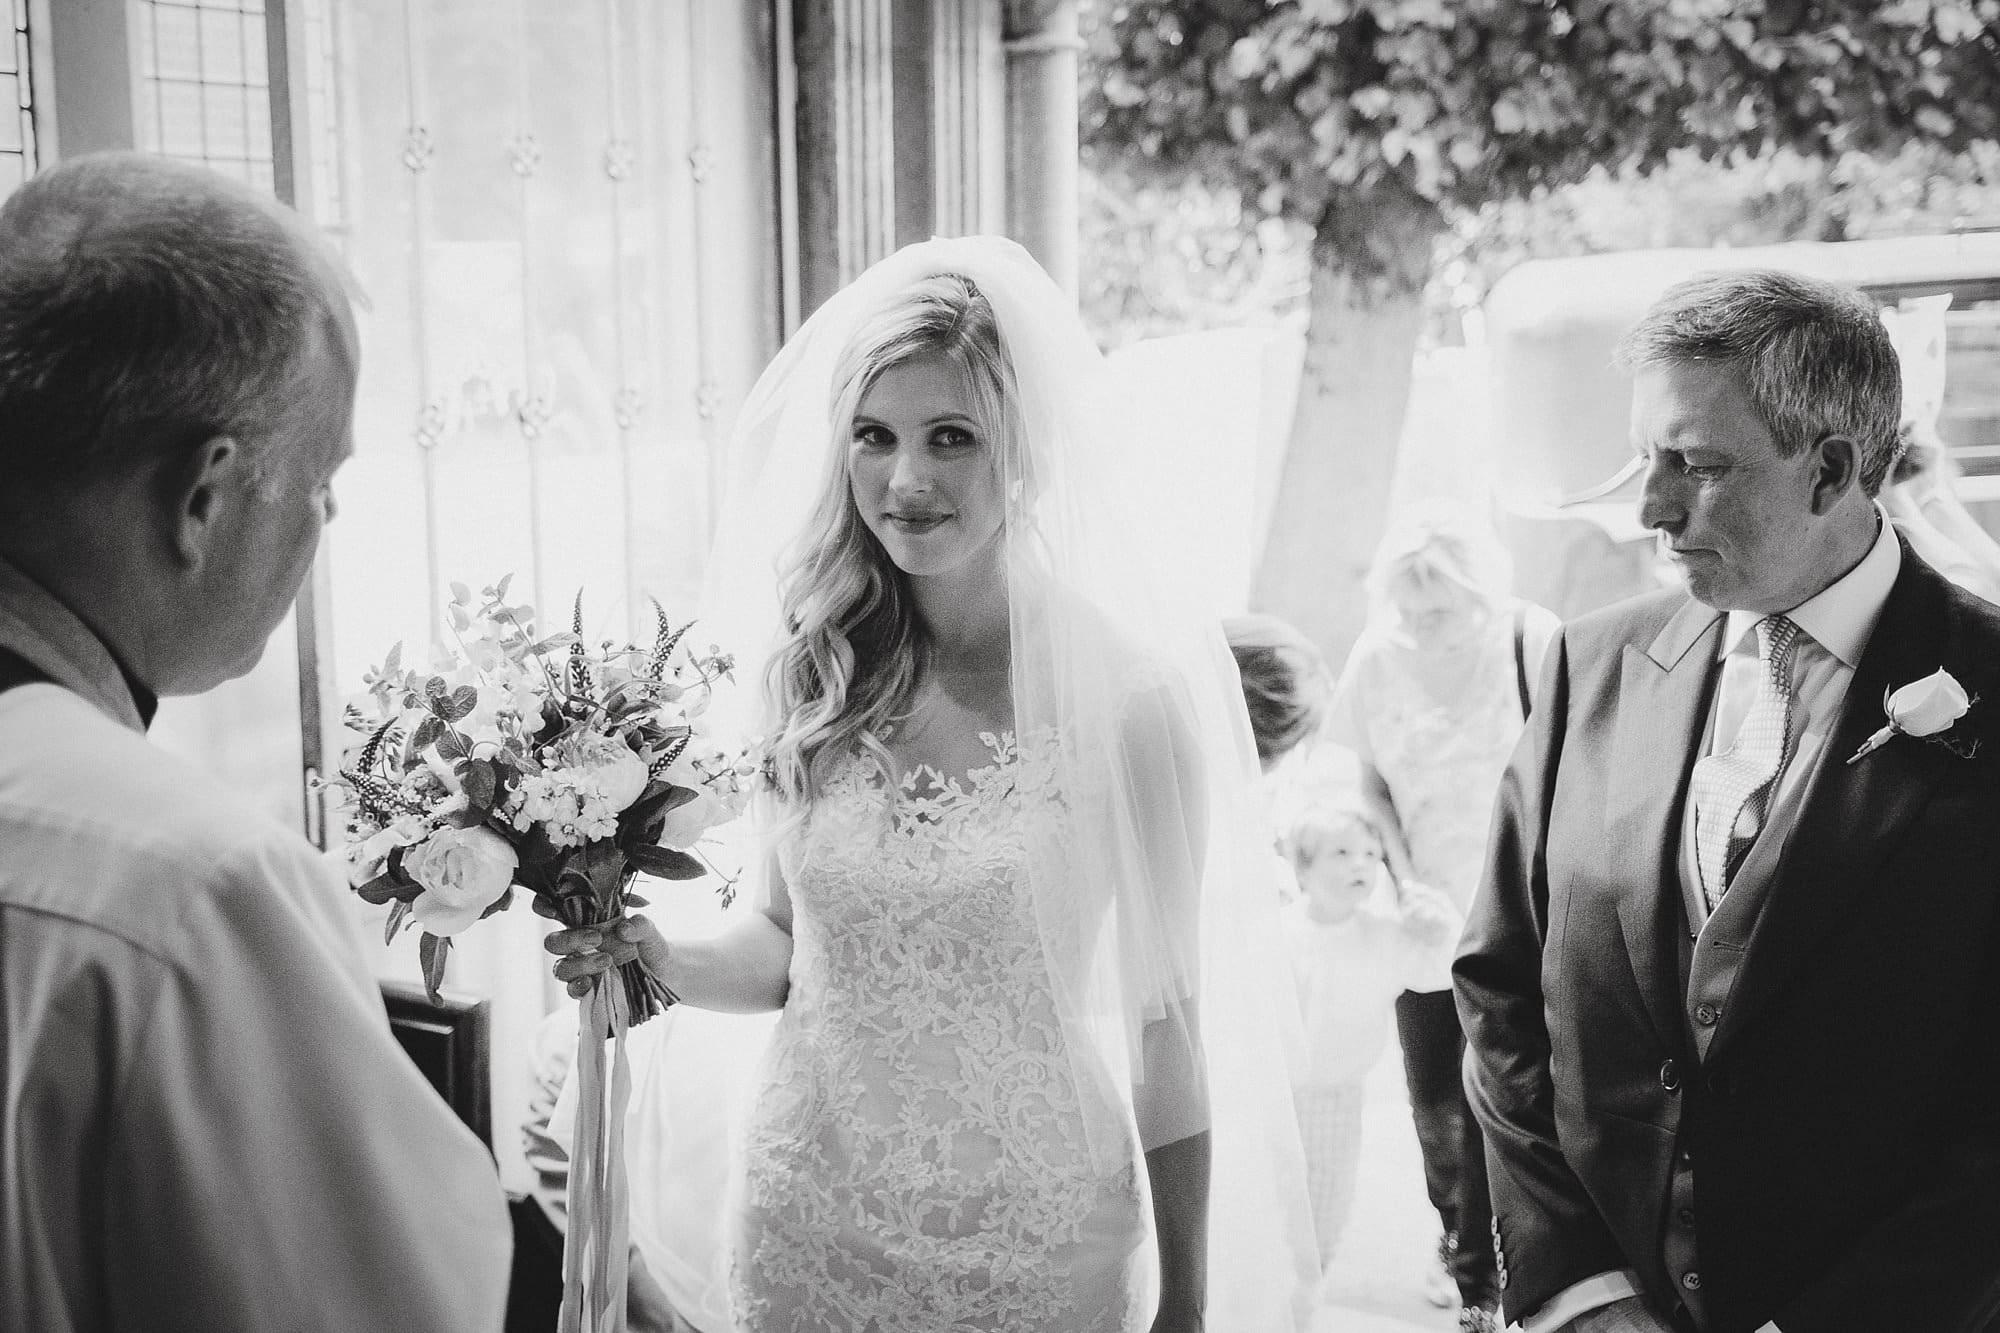 fulham palace wedding photographer 029 - Rosanna + Duncan | Fulham